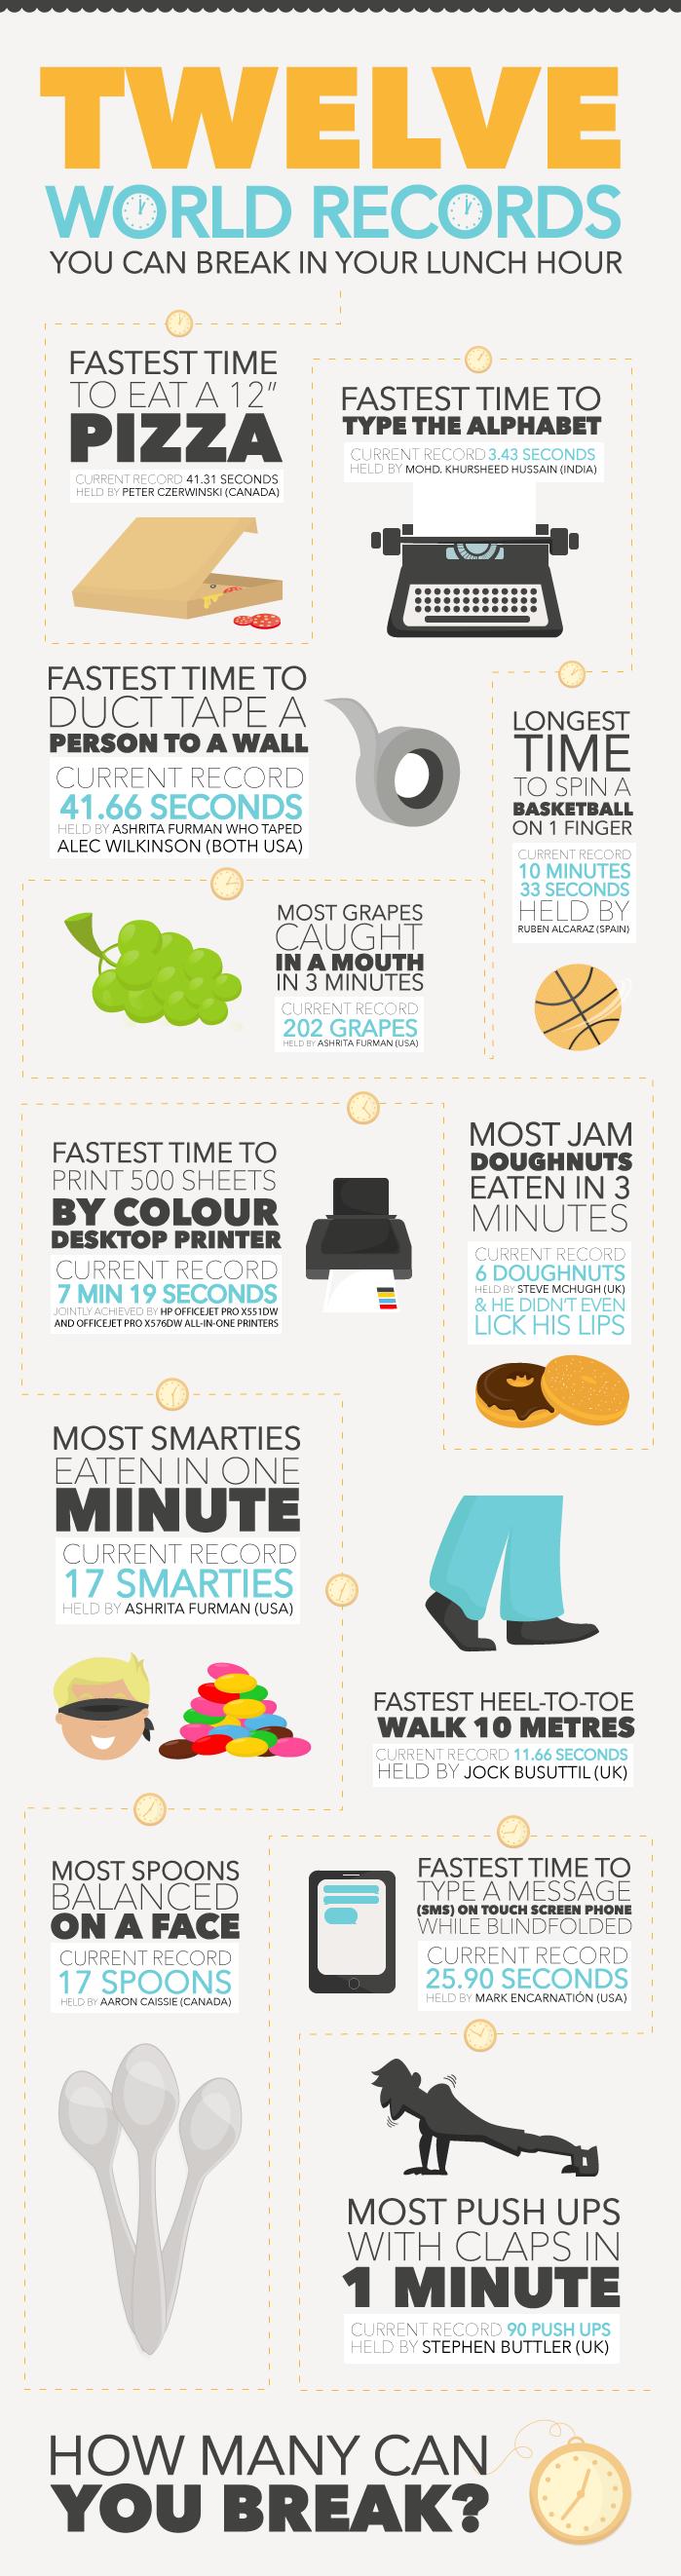 #انفوجرافيك 12 رقم قياسي يمكنك تحطيهم خلال ساعة الغداء